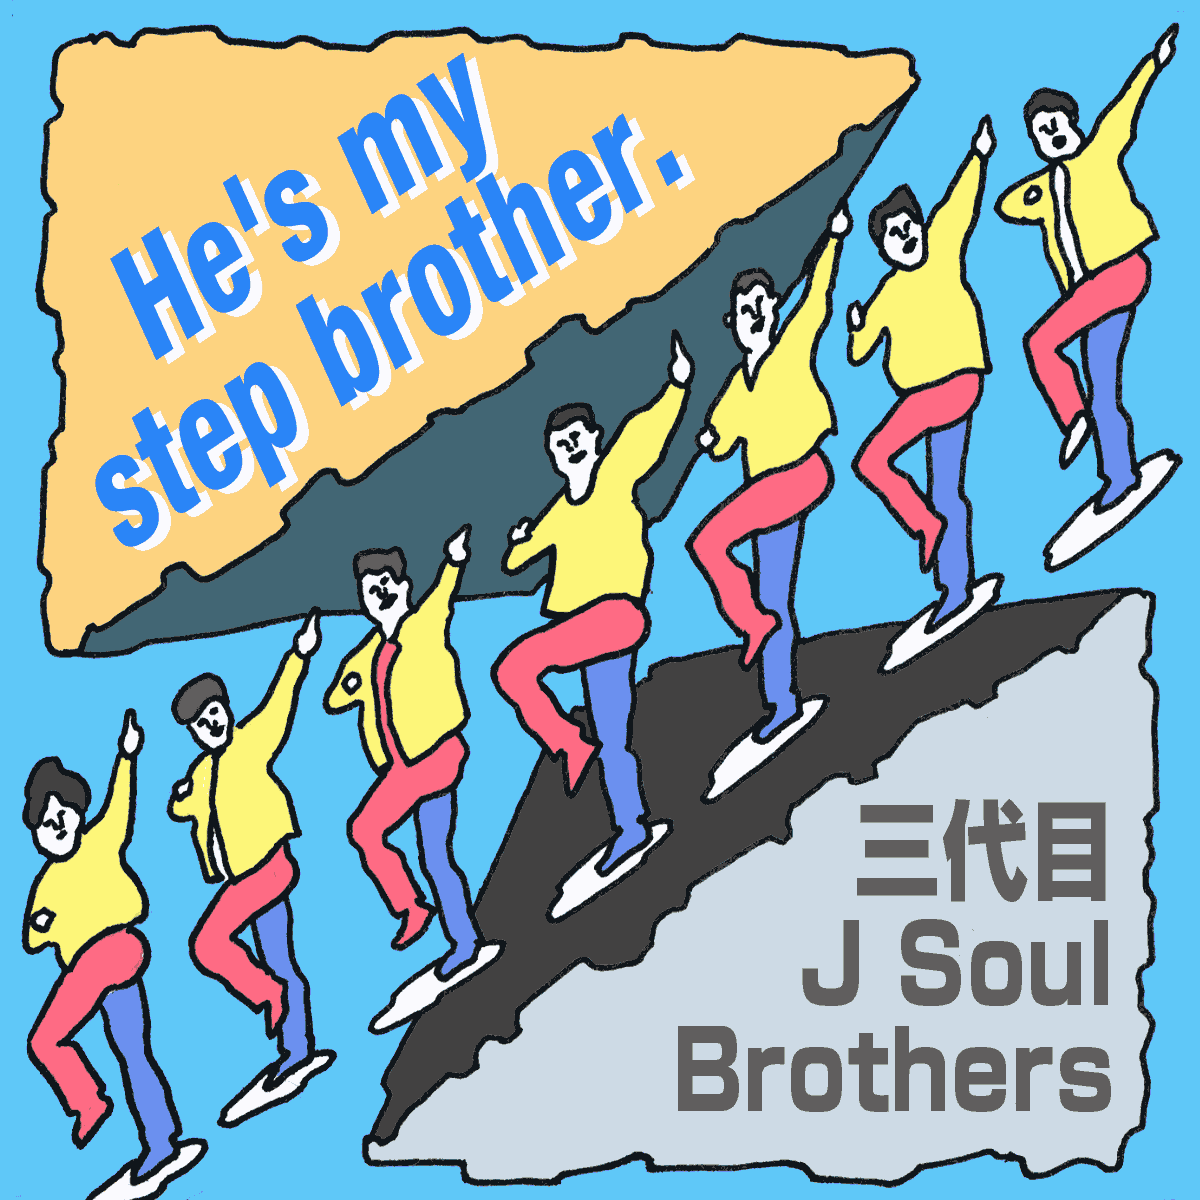 「三代目 J Soul Brothers」から学ぶ<br>He's my step brother.